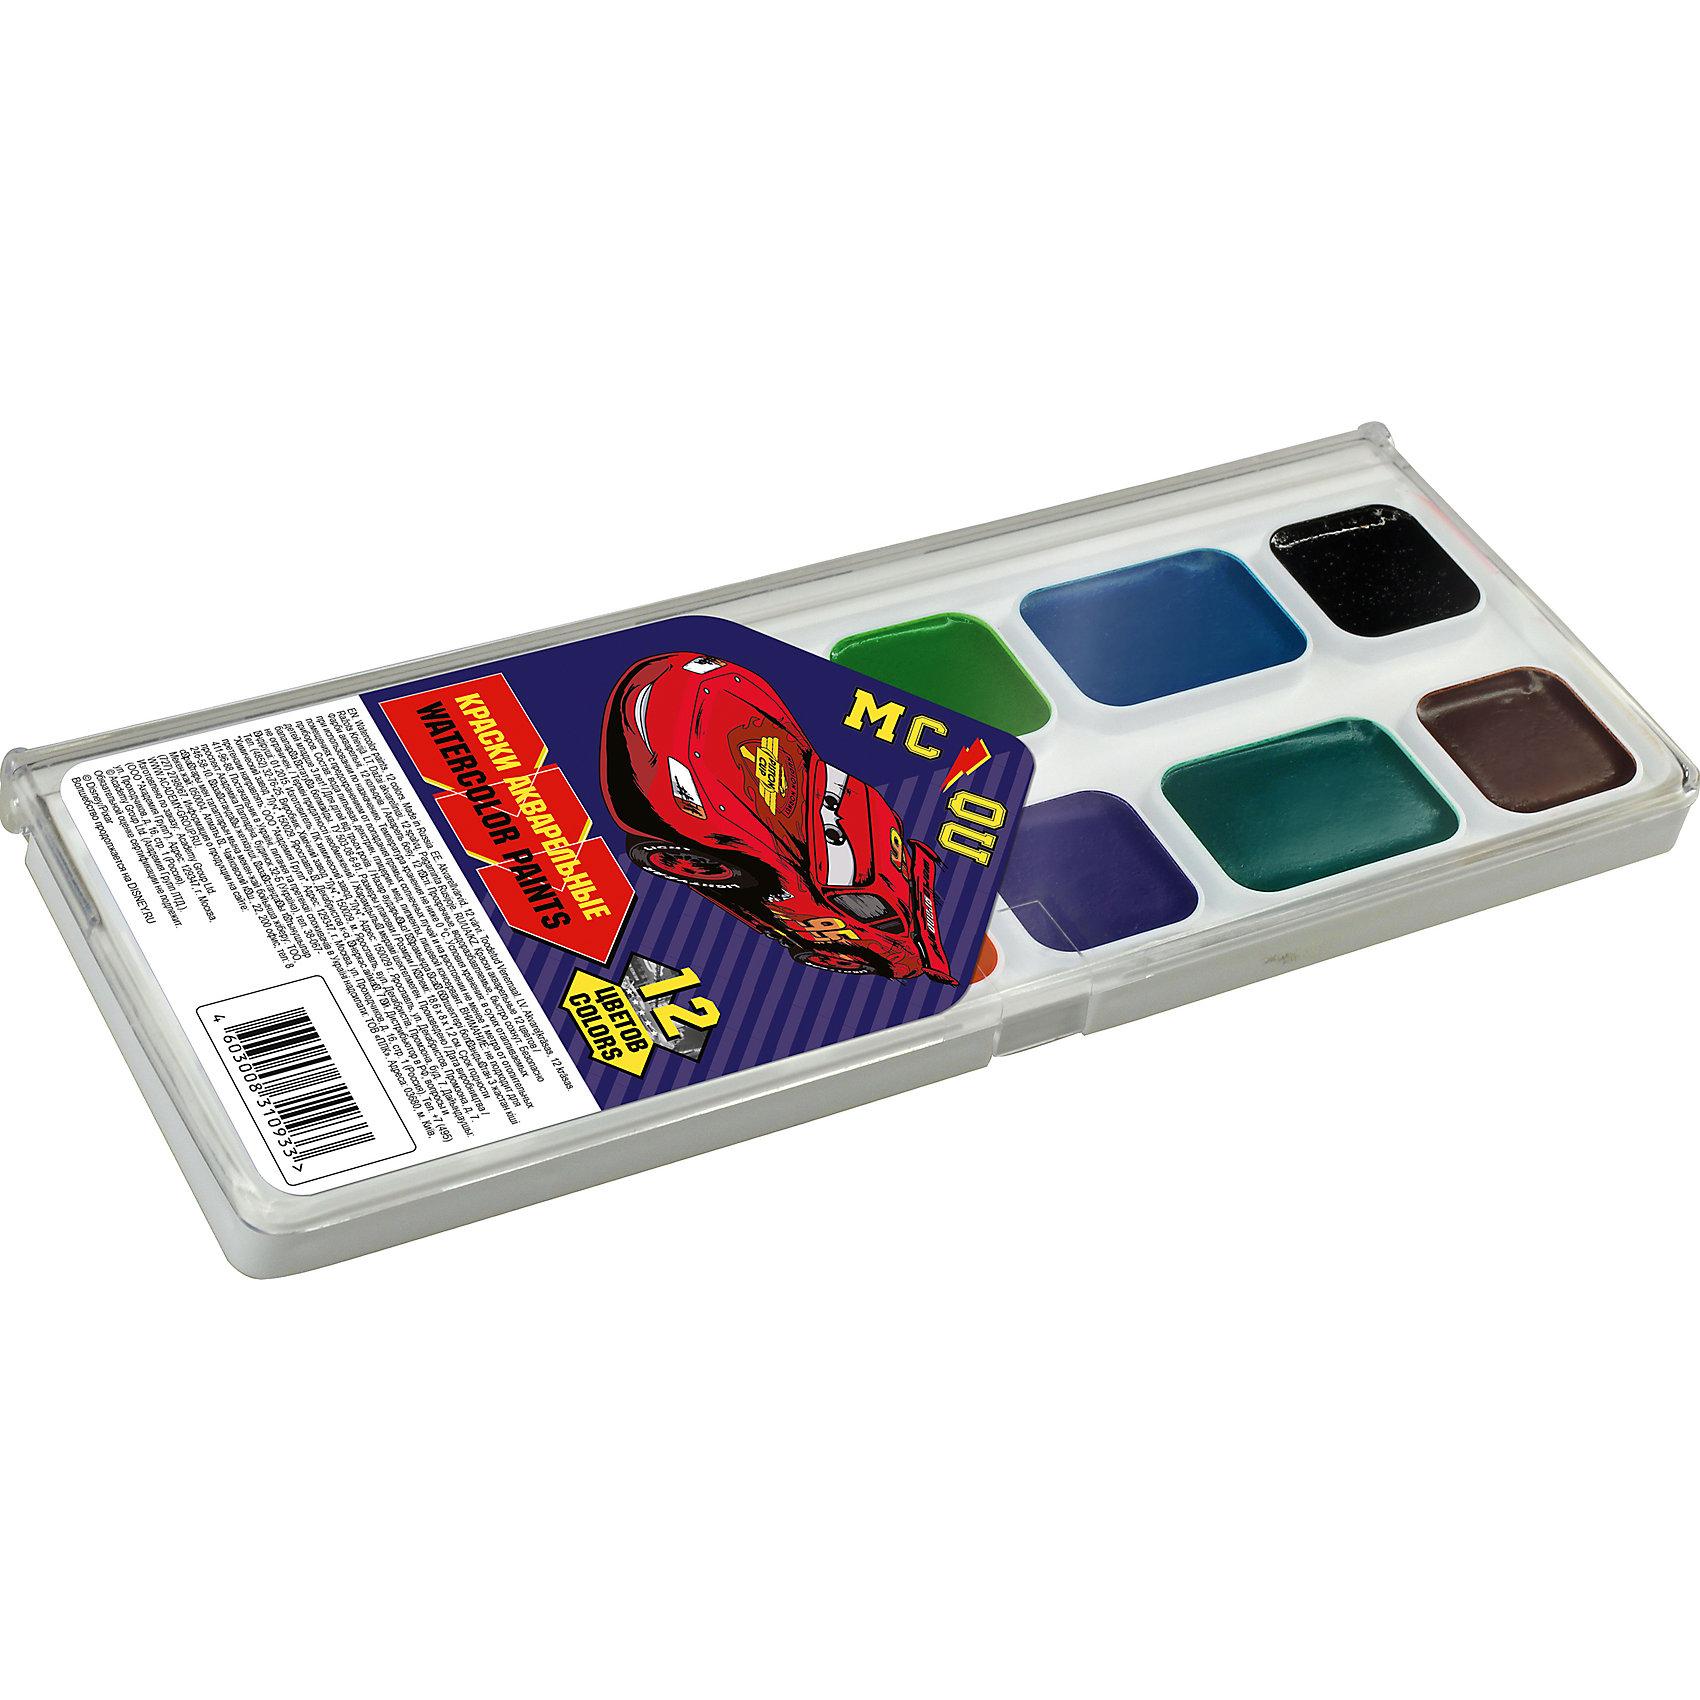 Акварельные краски, 12 цв, ТачкиТачки<br>Акварельные краски, Тачки, хорошо подойдут как для школьных занятий так и для детского творчества в свободное время. В наборе 12 акварельных медовых красок, упакованных в пластиковую коробочку-палитру с изображением персонажа из популярного мультфильма Тачки.<br>Краски легко размываются, создавая прозрачный цветной слой, легко смешиваются между собой, не крошатся и не смазываются, быстро сохнут. <br><br><br>Дополнительная информация:<br><br>- В комплекте: 12 цветов.<br>- Размер упаковки: 15 х 1,2 х 8 см.<br>- Вес: 61 гр.<br><br>Акварельные краски, 12 цв., Тачки, можно купить в нашем интернет-магазине.<br><br>Ширина мм: 80<br>Глубина мм: 150<br>Высота мм: 12<br>Вес г: 61<br>Возраст от месяцев: 60<br>Возраст до месяцев: 84<br>Пол: Мужской<br>Возраст: Детский<br>SKU: 4681133